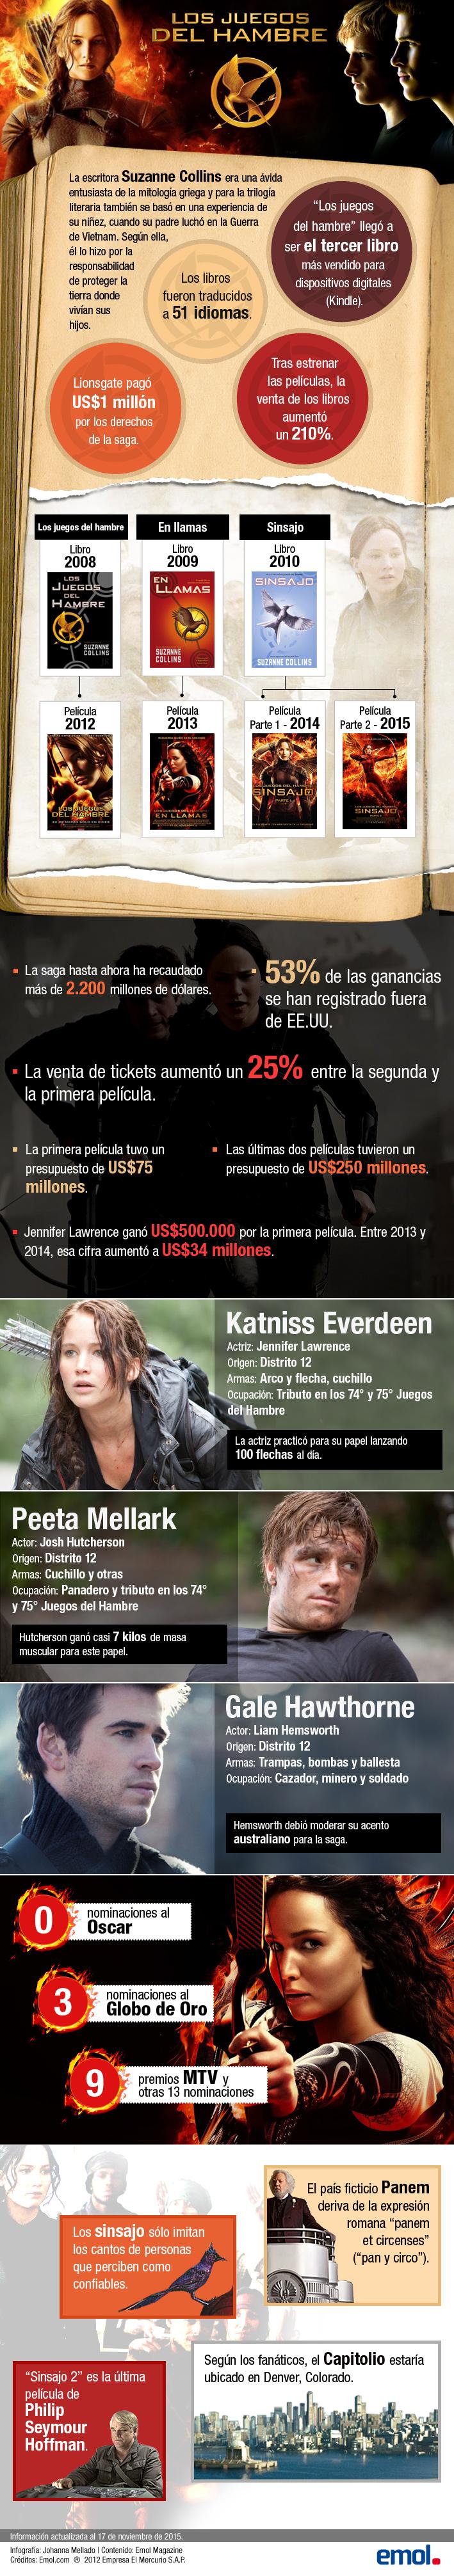 Infografia Los Juegos Del Hambre Datos Y Cifras De La Saga Que